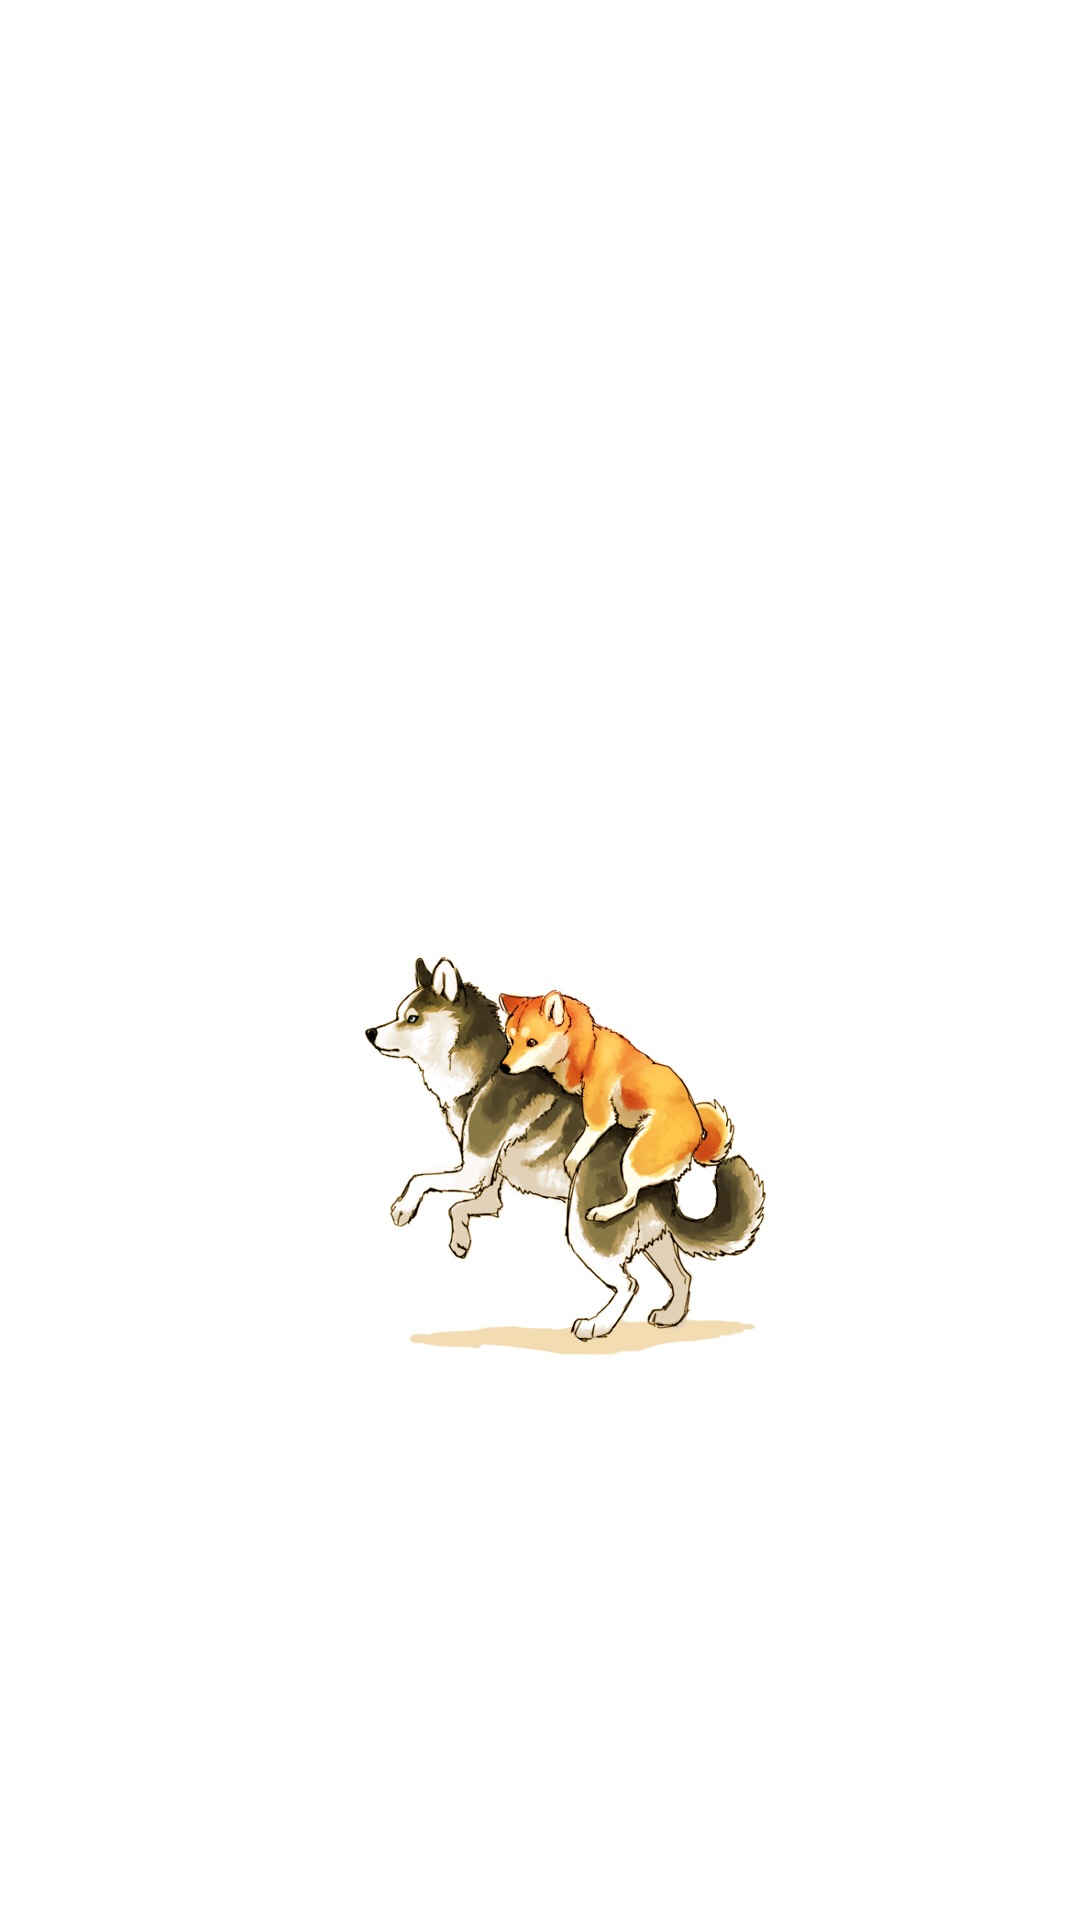 萌犬 手绘可爱狗狗 柴犬